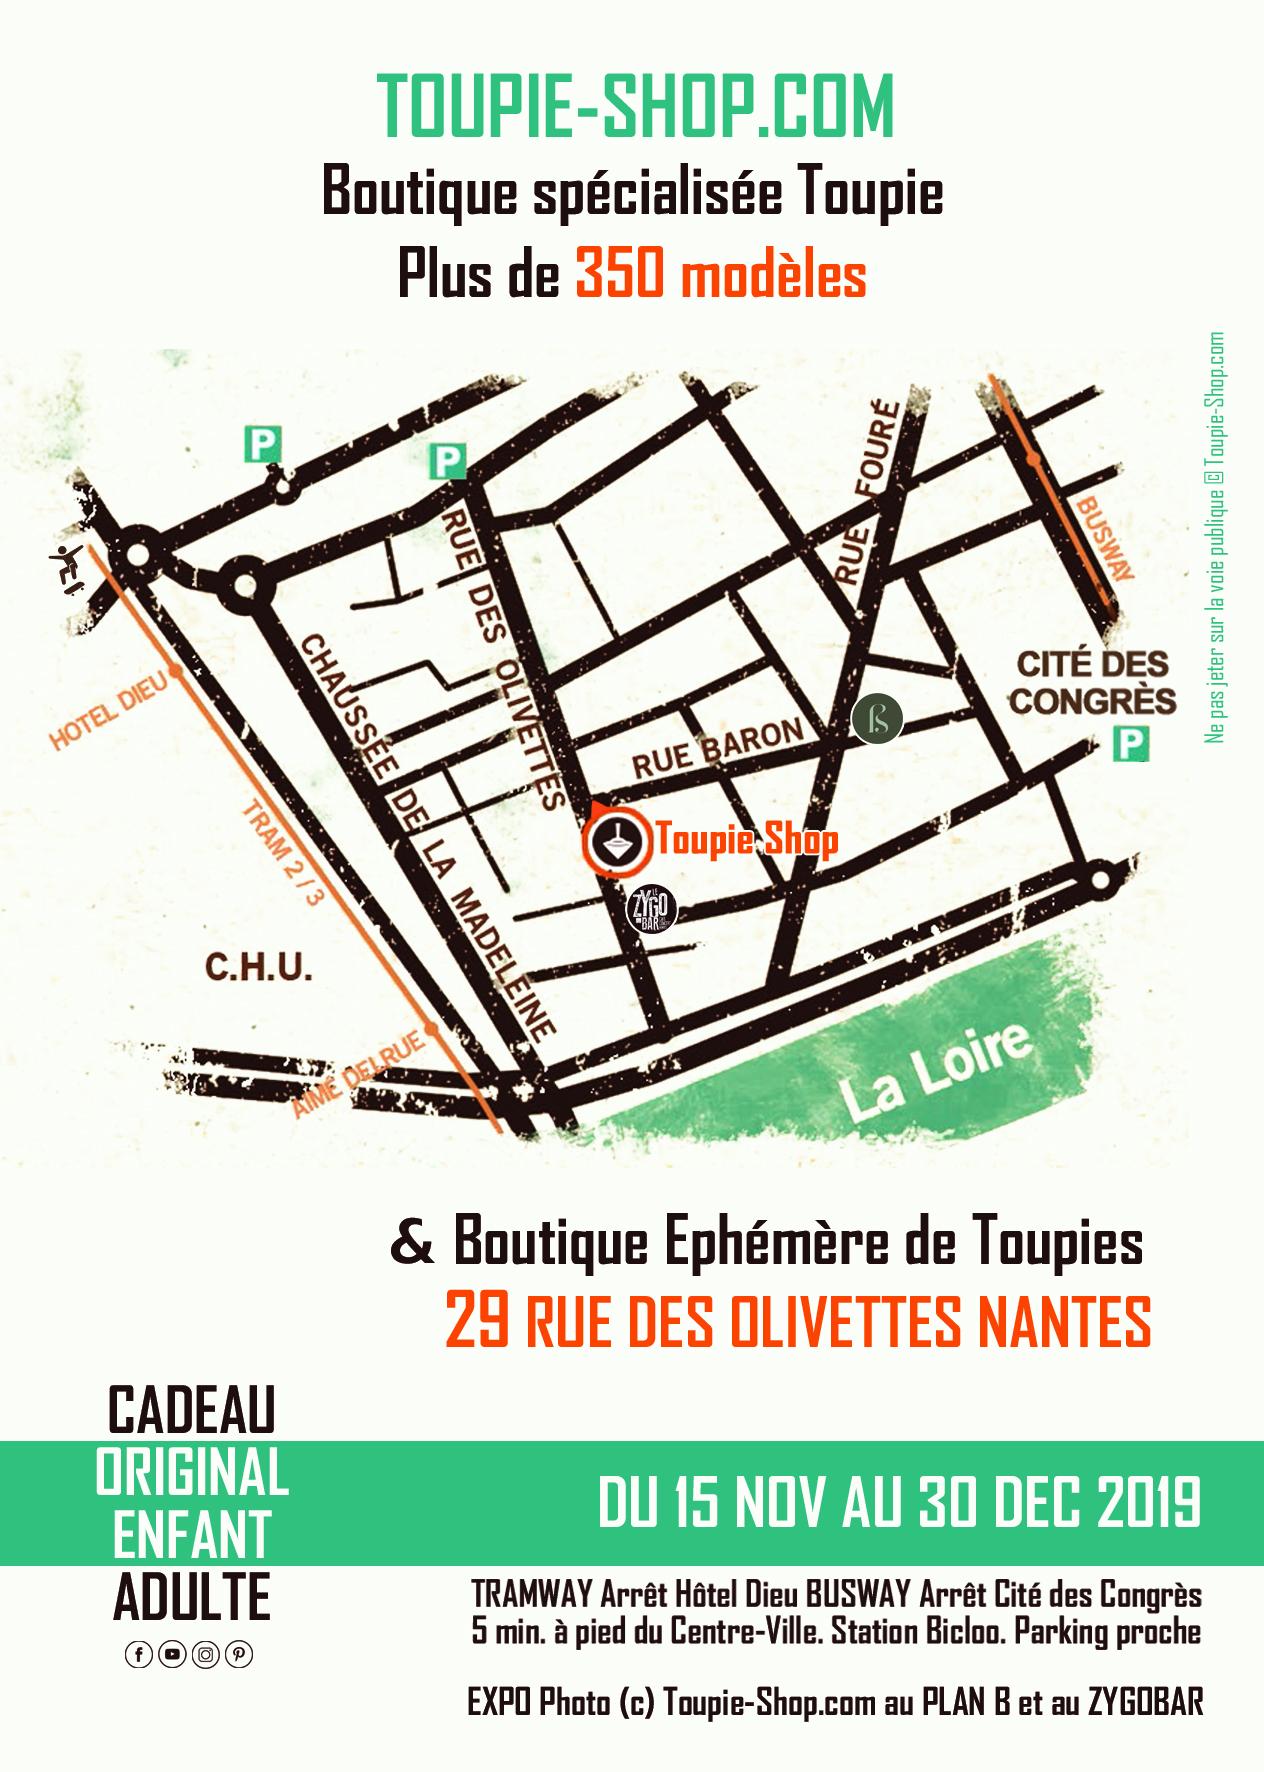 Boutique éphémère de toupies du 15 nov. au 30 déc. pour Noël 2019 au 29 rue des Olivettes à Nantes